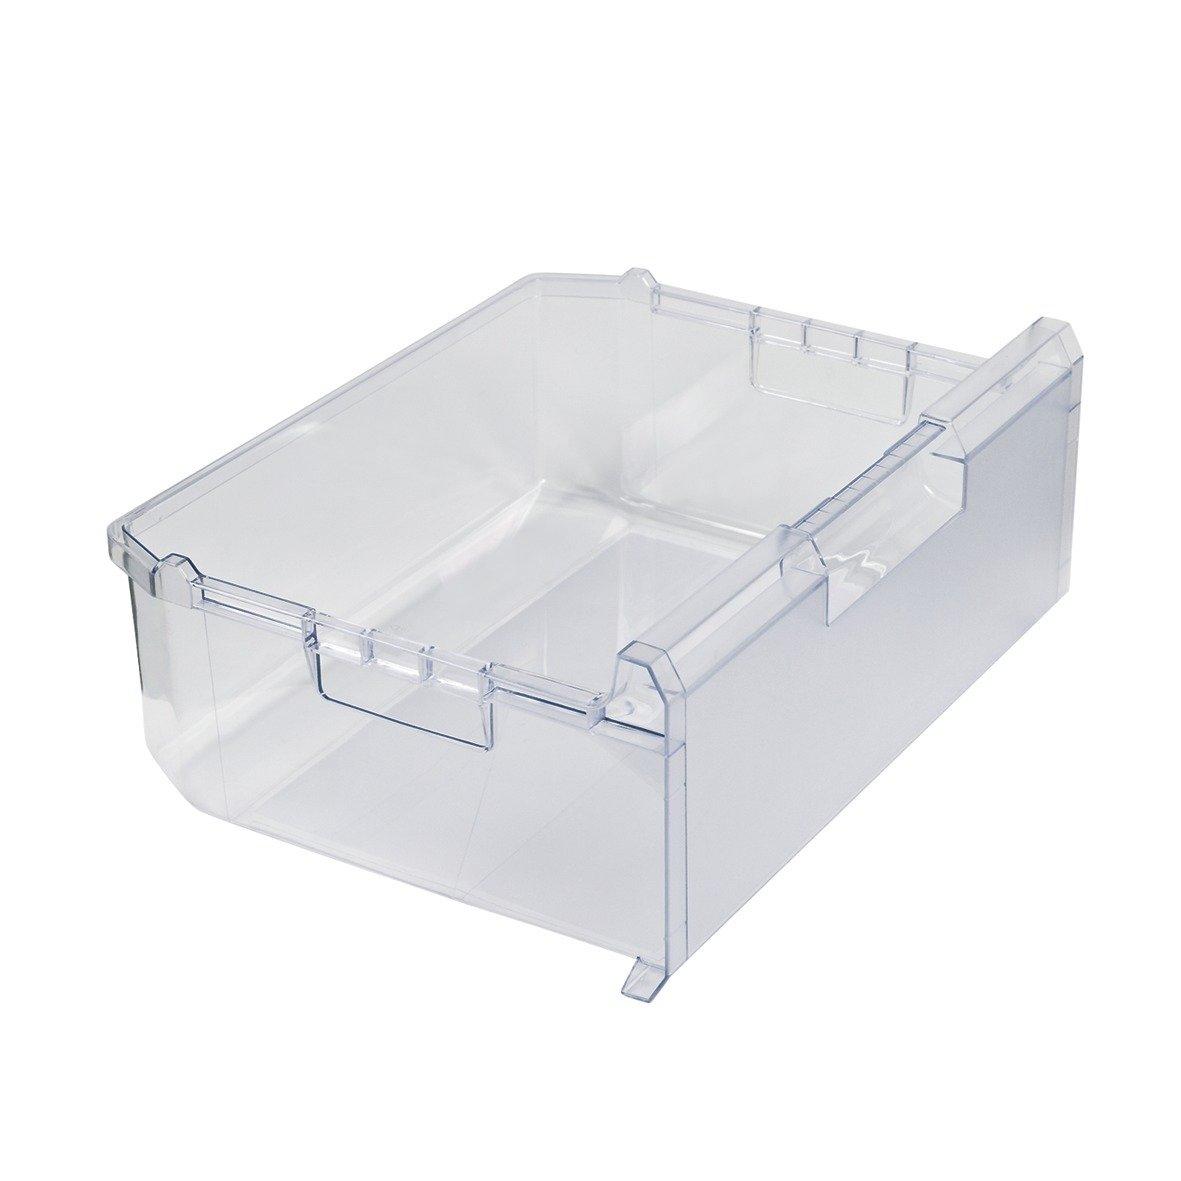 Bosch frigorifero congelatore cassetto centrale superiore, Contenitore per alimenti congelati 00358824